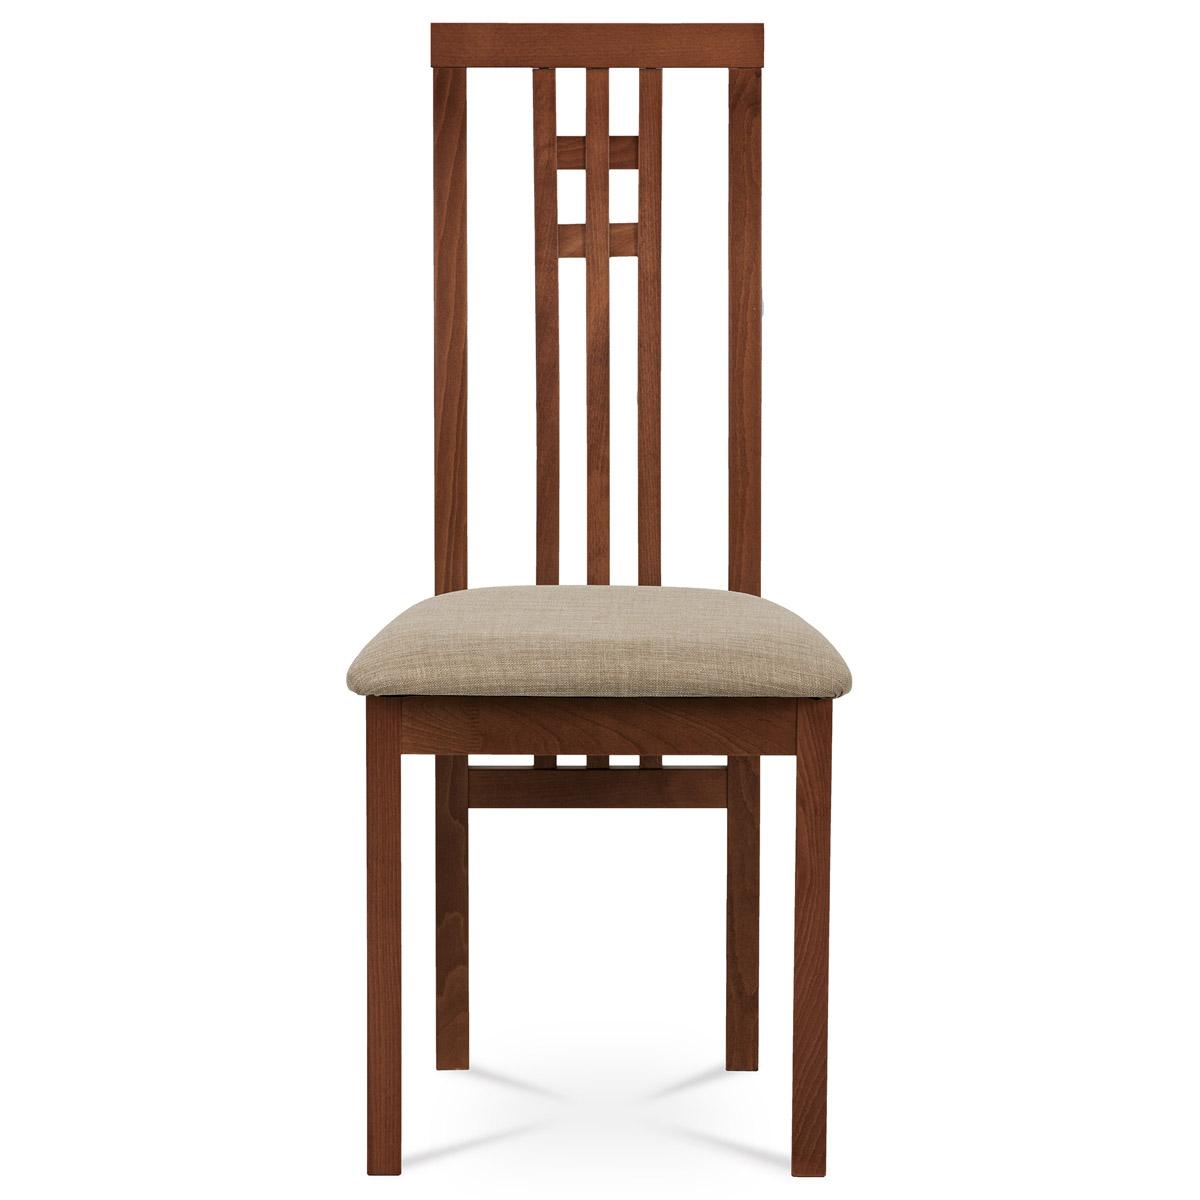 Jídelní židle, masiv buk, barva třešeň, látkový béžový potah - BC-2482 TR3